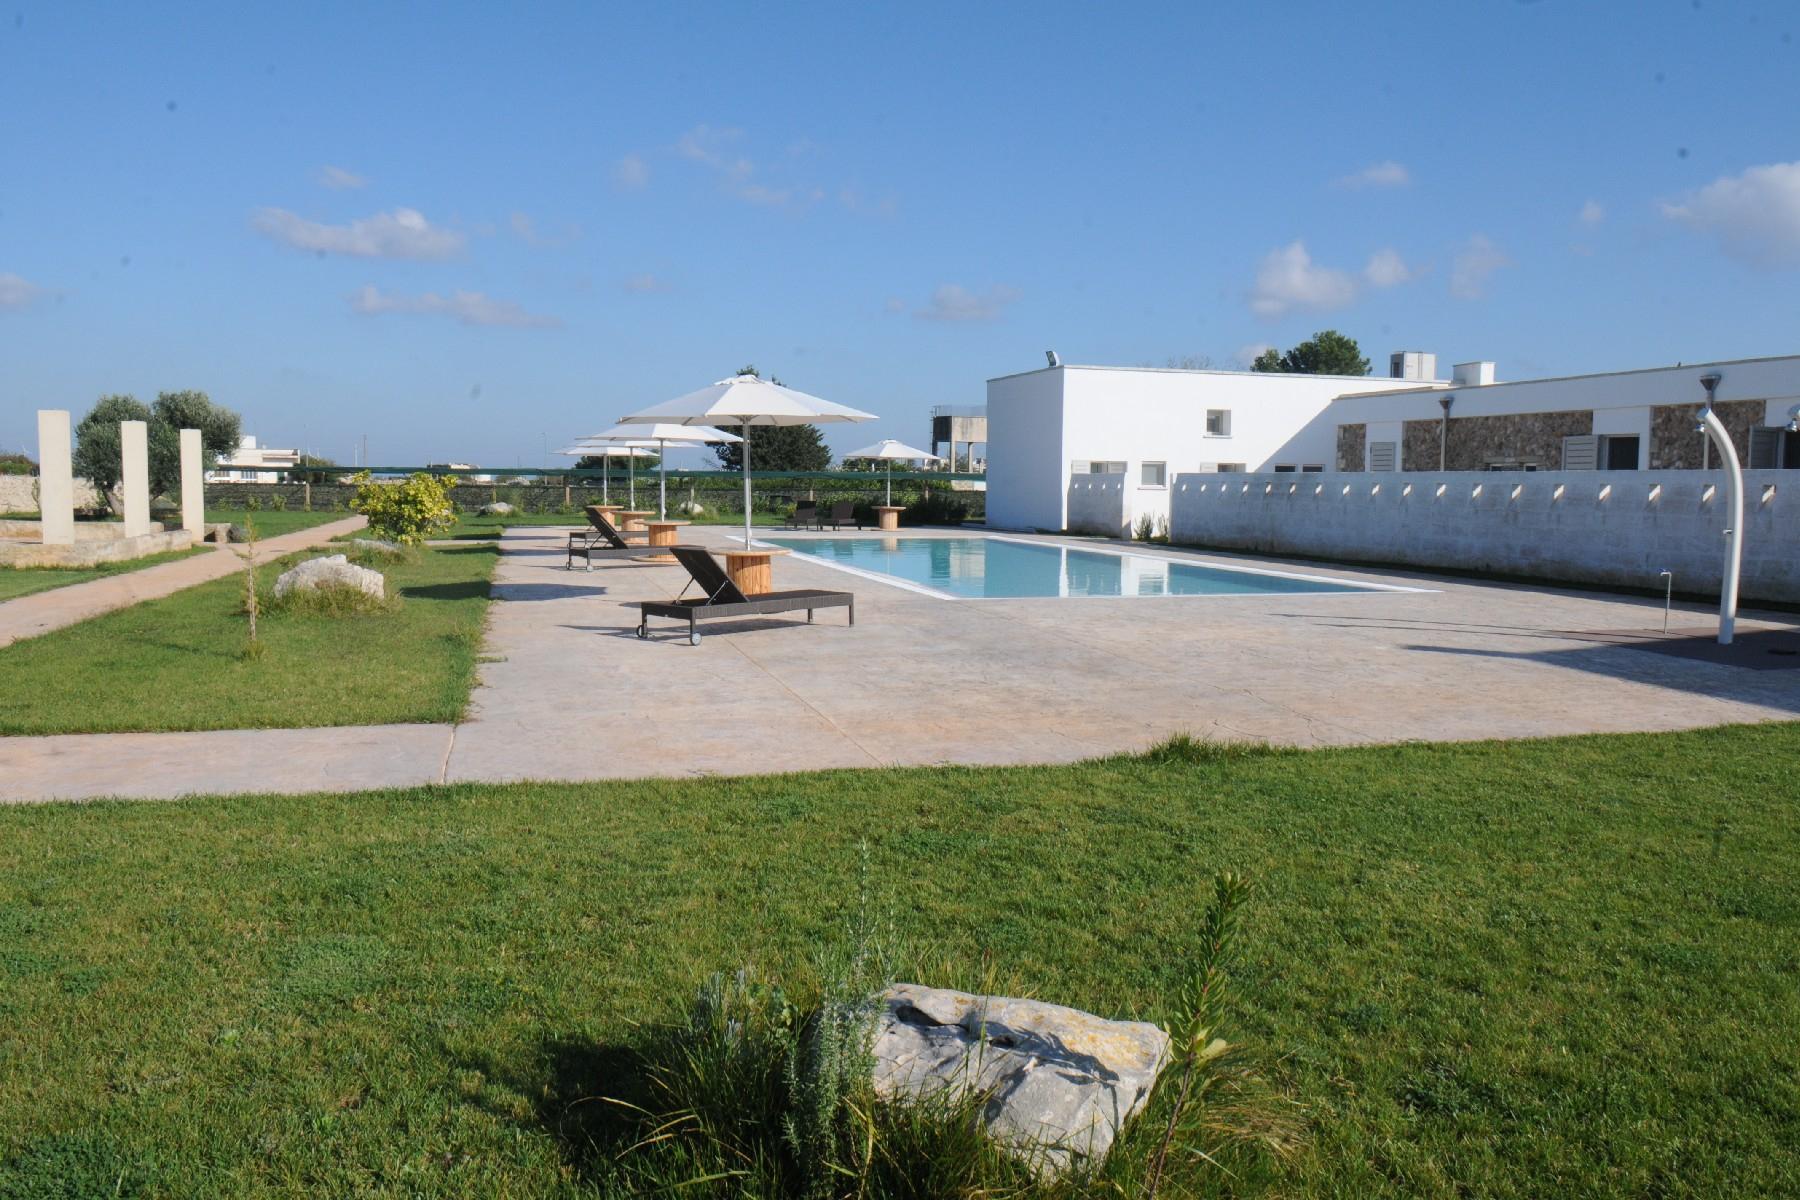 Villa in Vendita a Martano via vicinale giovanni km 0,200